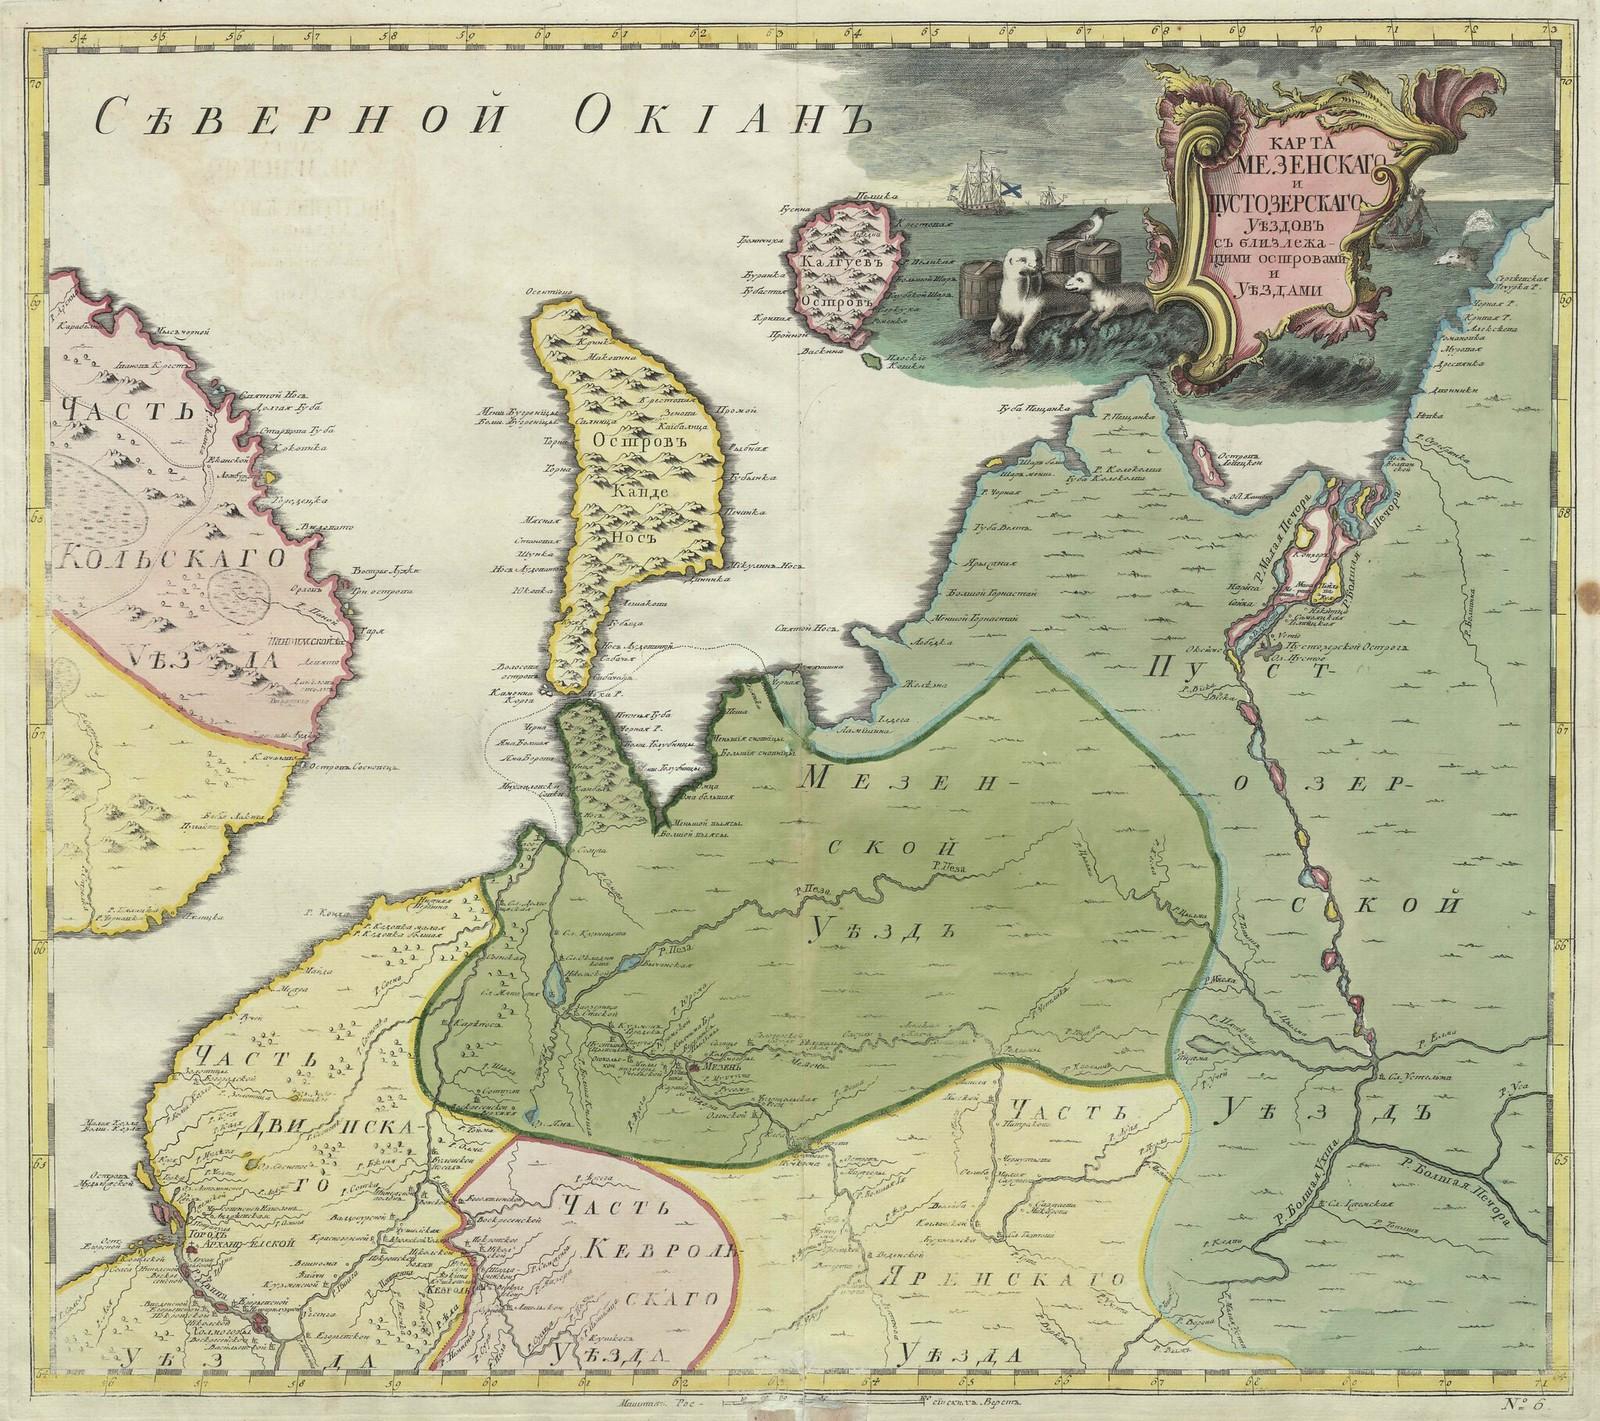 26. Карта Мезенского и Пустозерского уездов с близлежащими островами и уездами